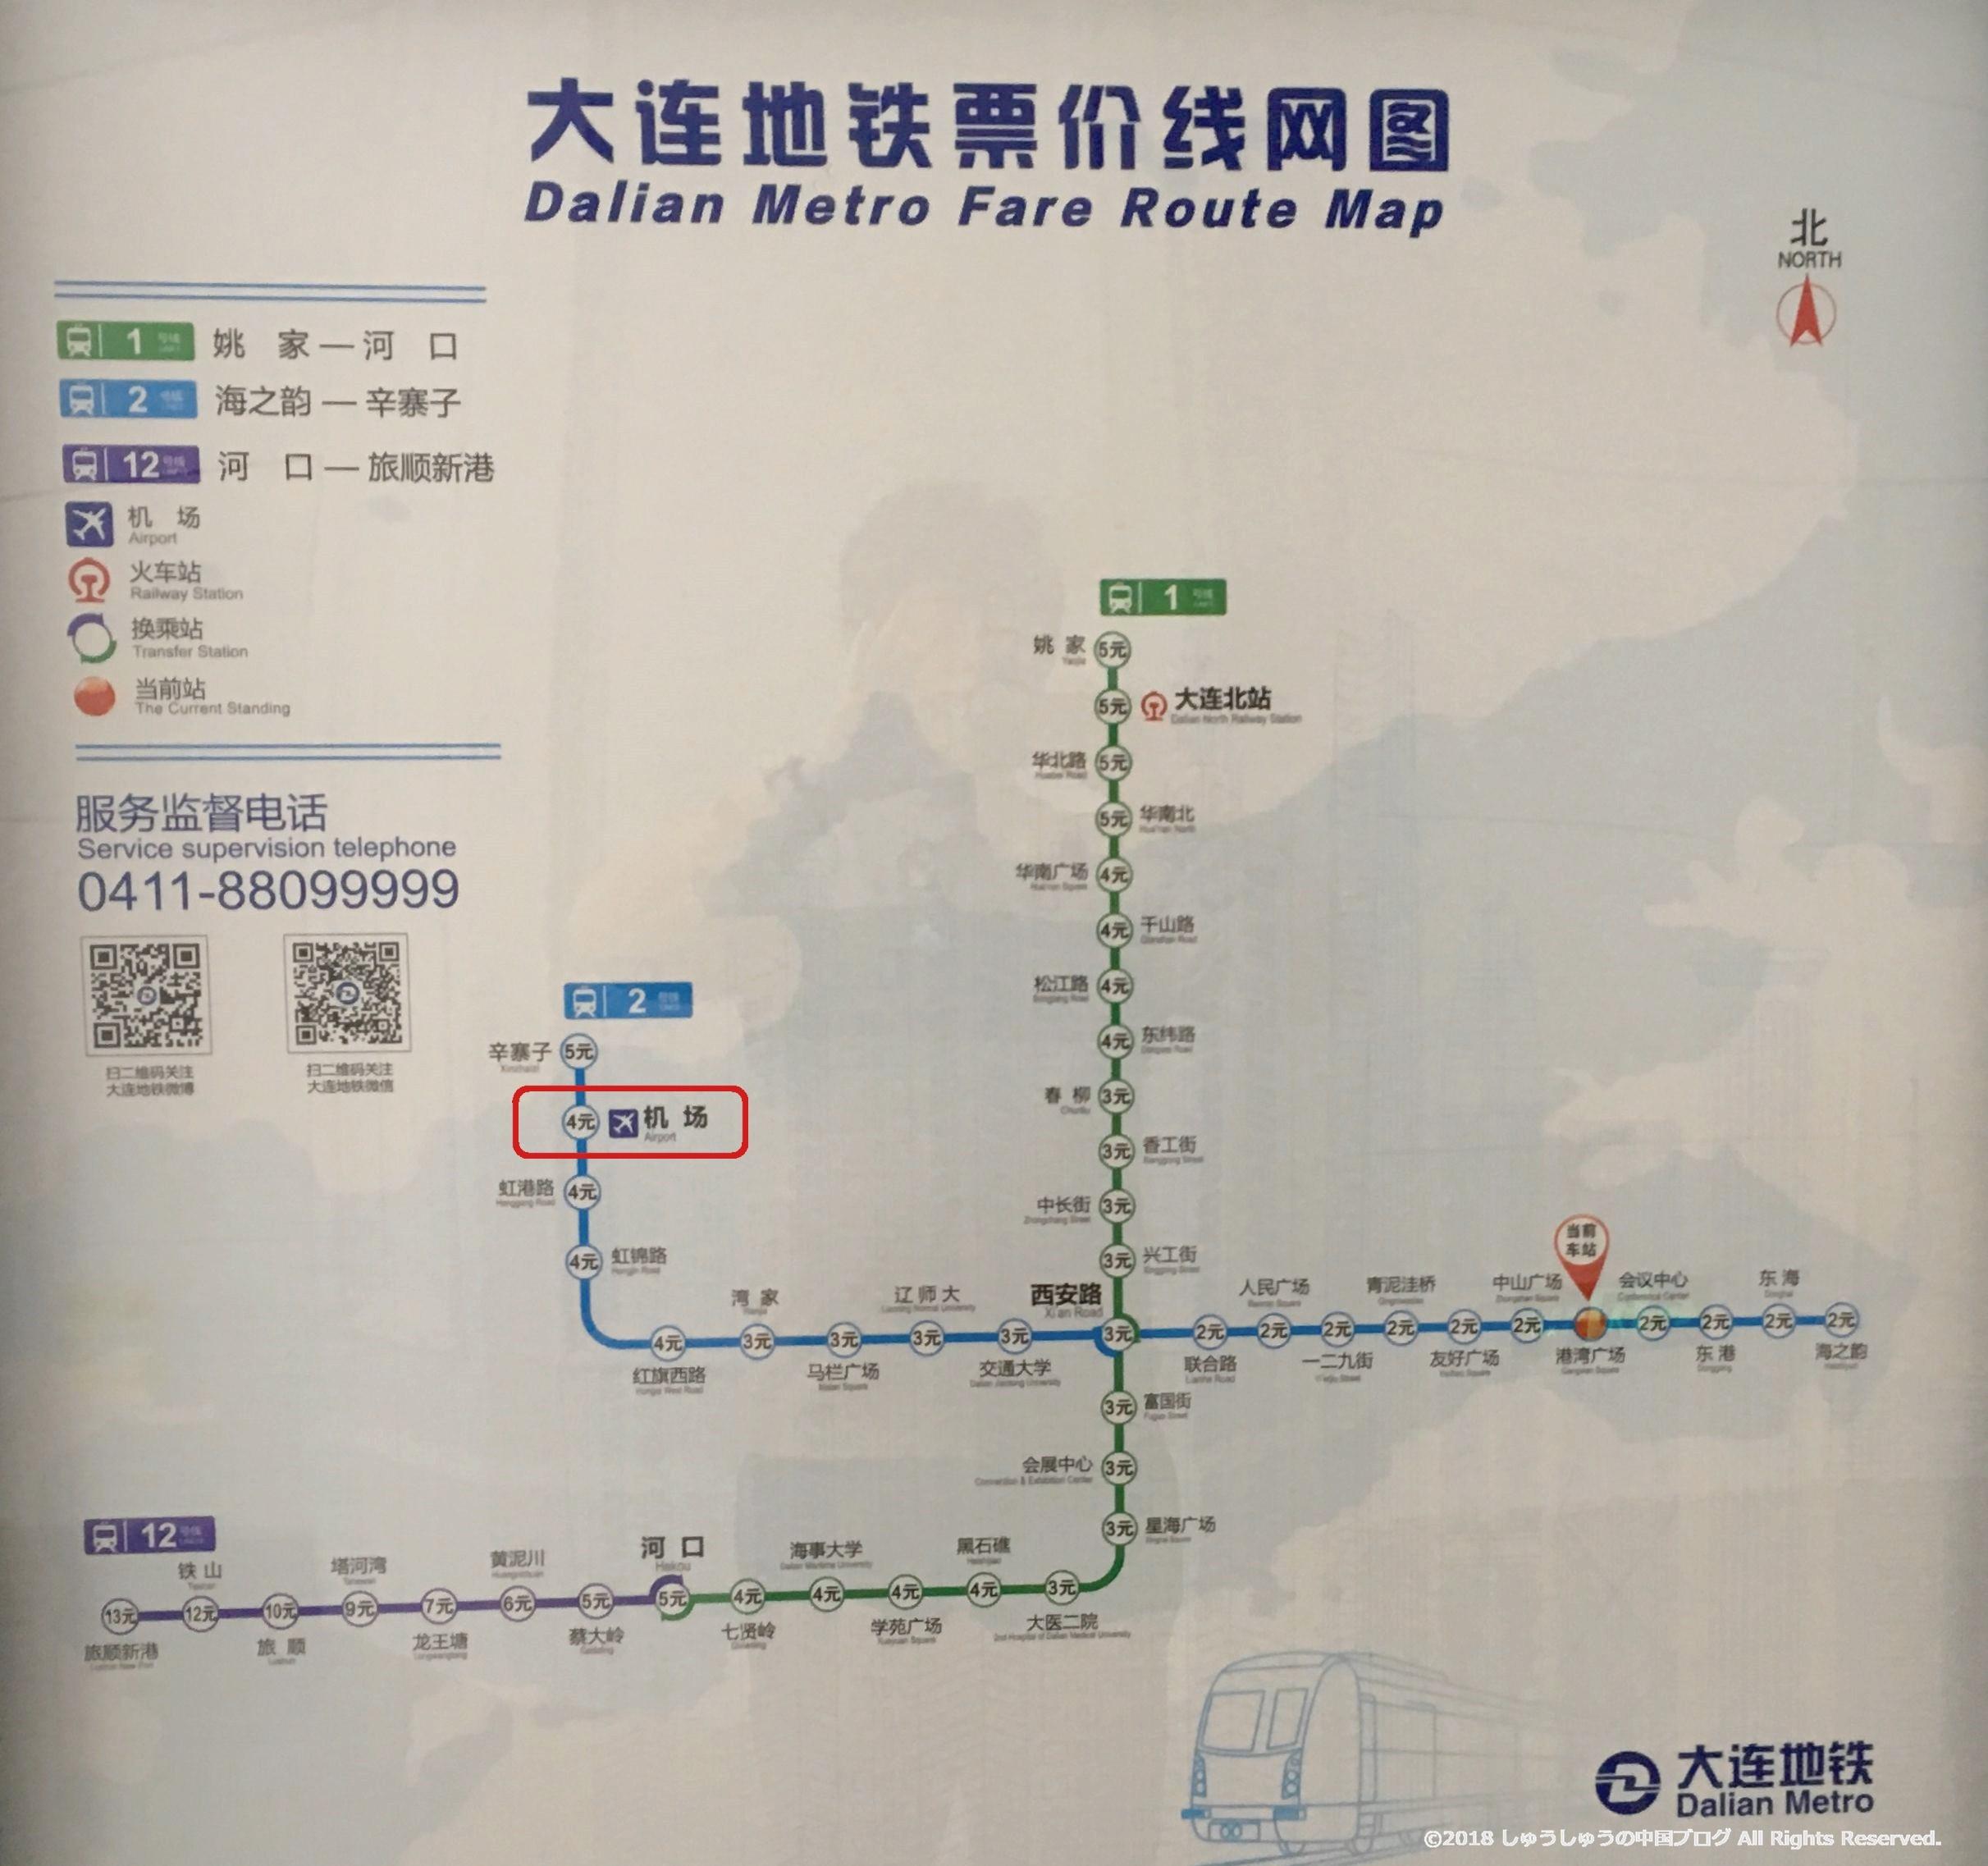 大連地下鉄の路線図での大連空港の位置